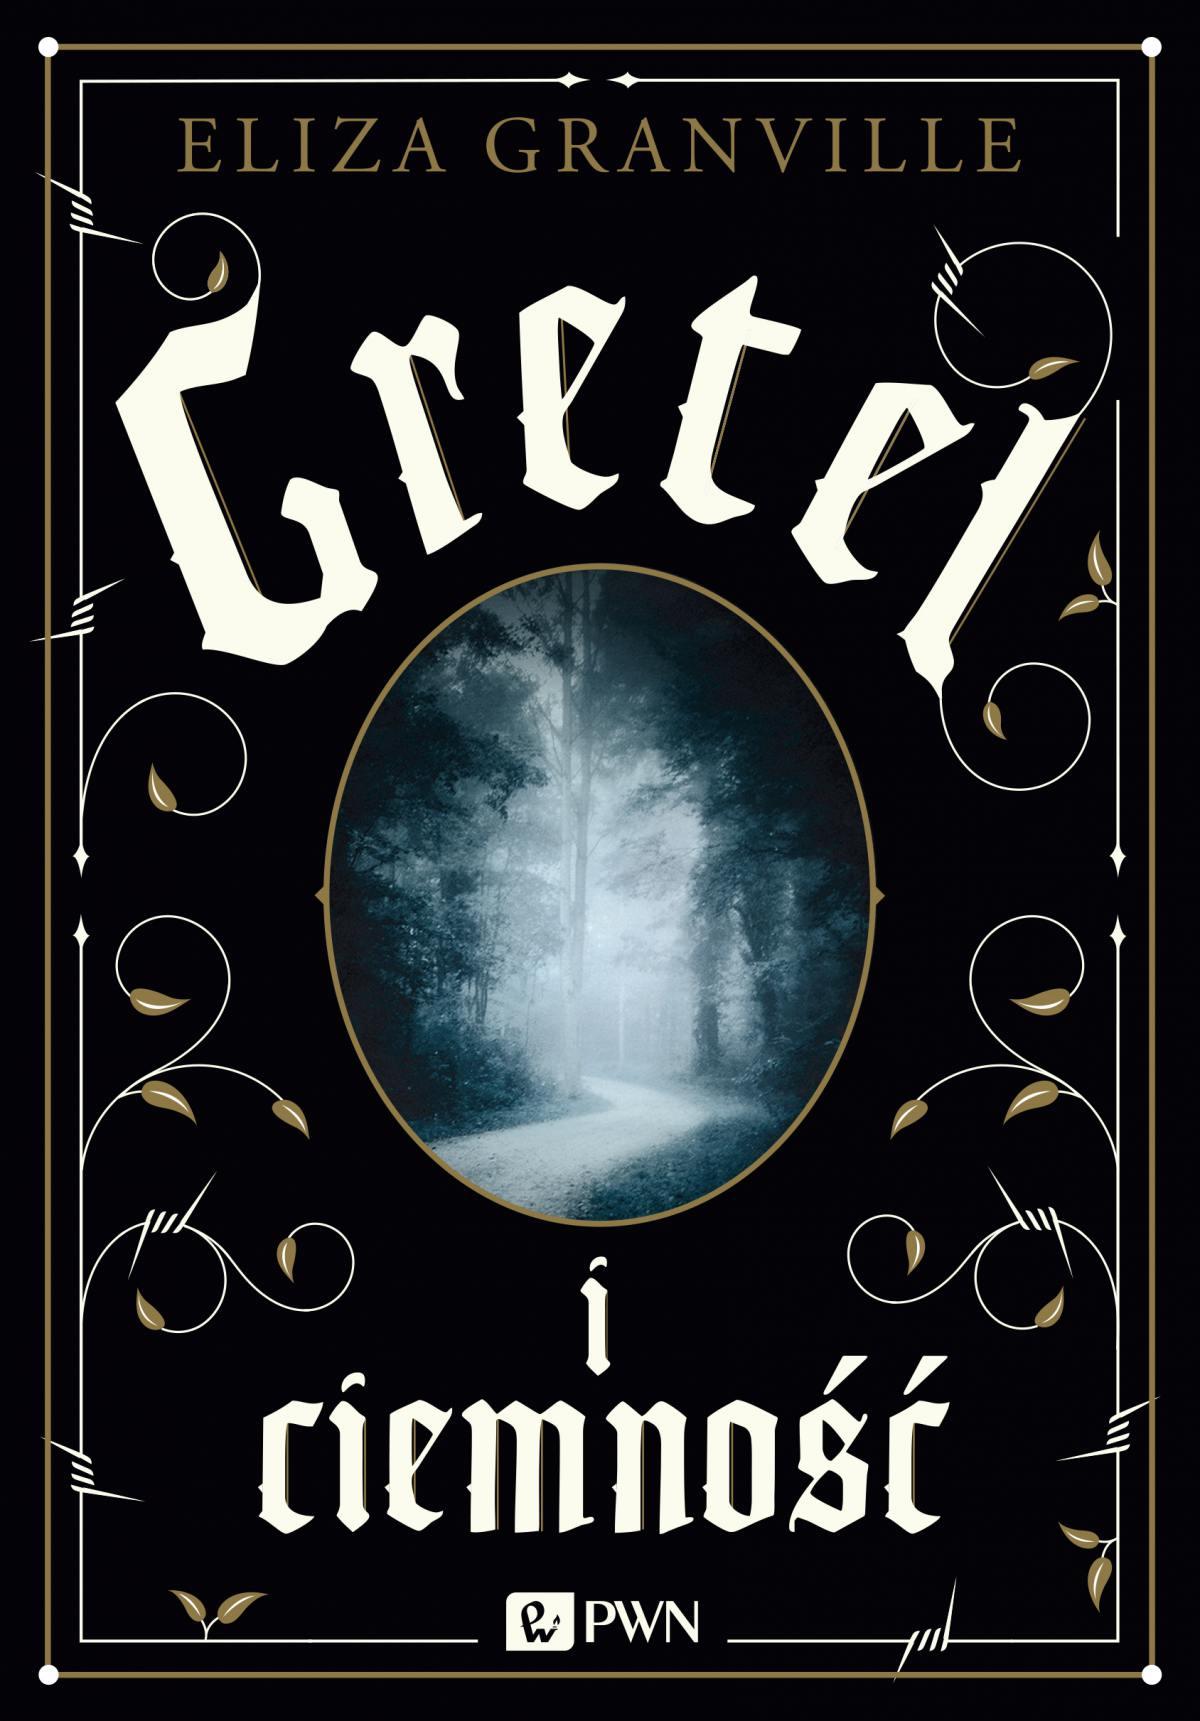 Gretel i ciemność - Ebook (Książka na Kindle) do pobrania w formacie MOBI